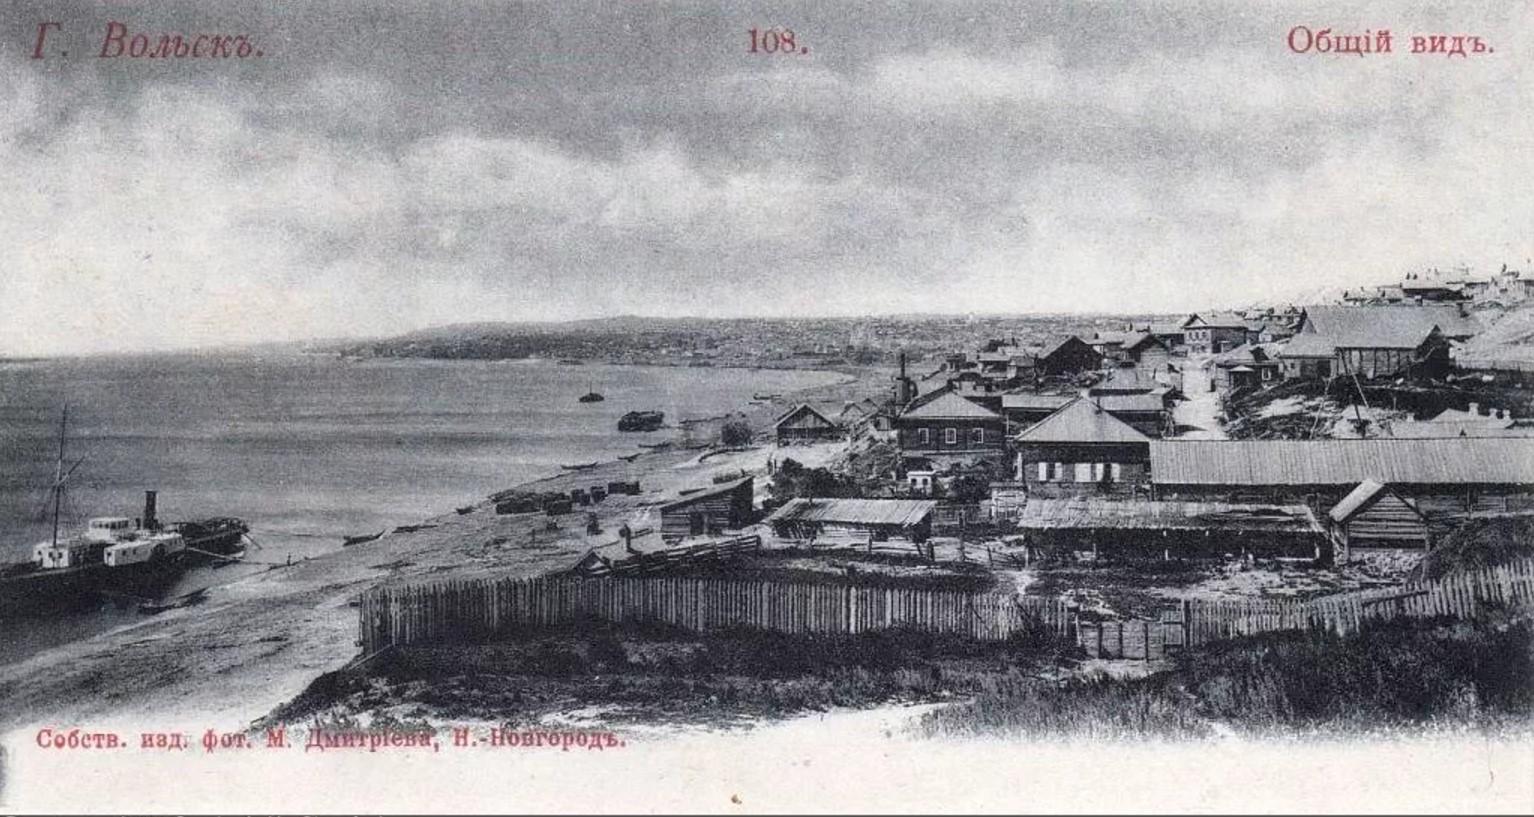 Общий вид Вольска с востока